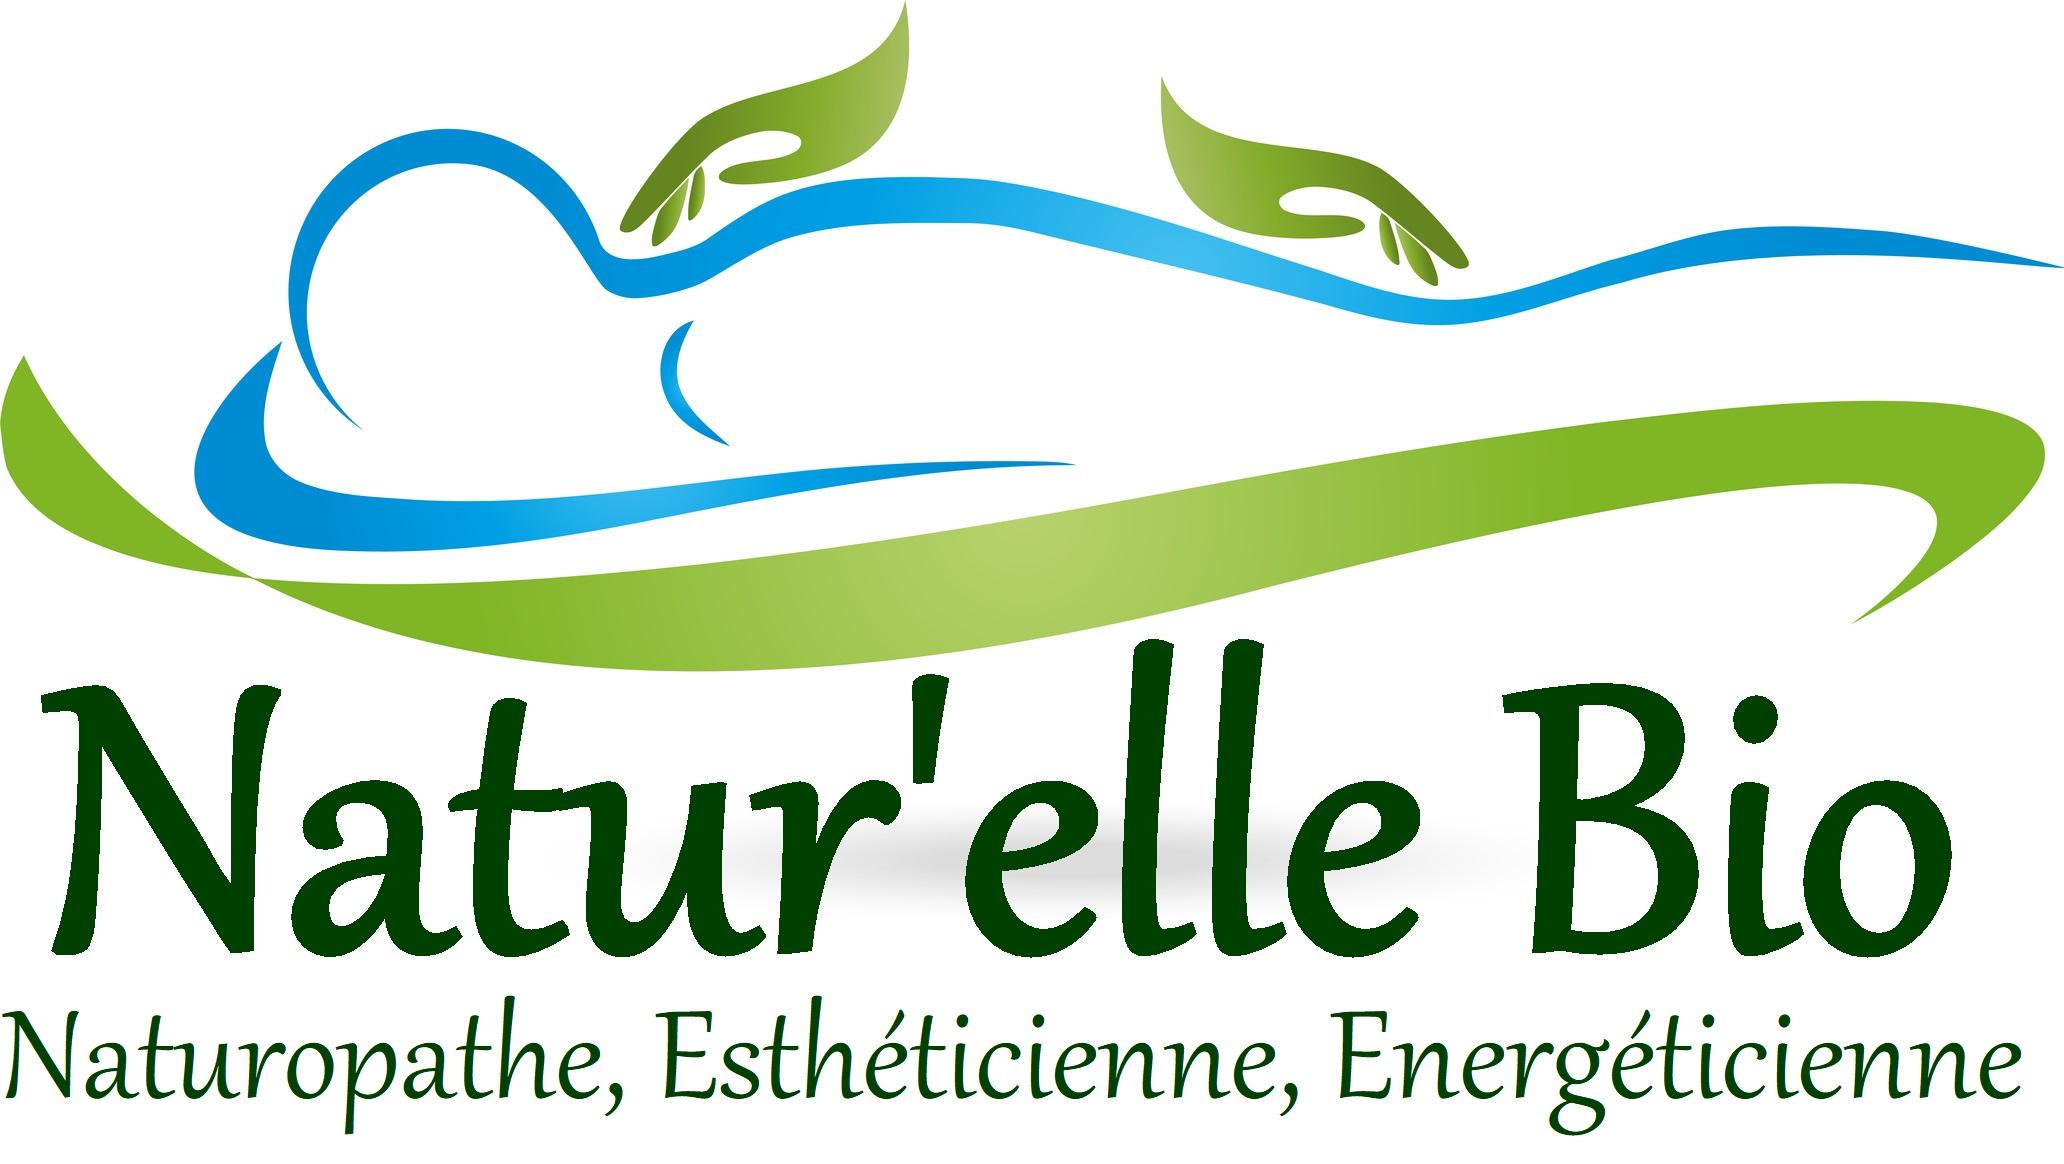 Natur`elle Bio, esthéticienne à domicile, naturopathe, gemmothérapie, énergéticienne, magnétisme, reiki, épilations, massages, charente-maritime, deux-sèvres,